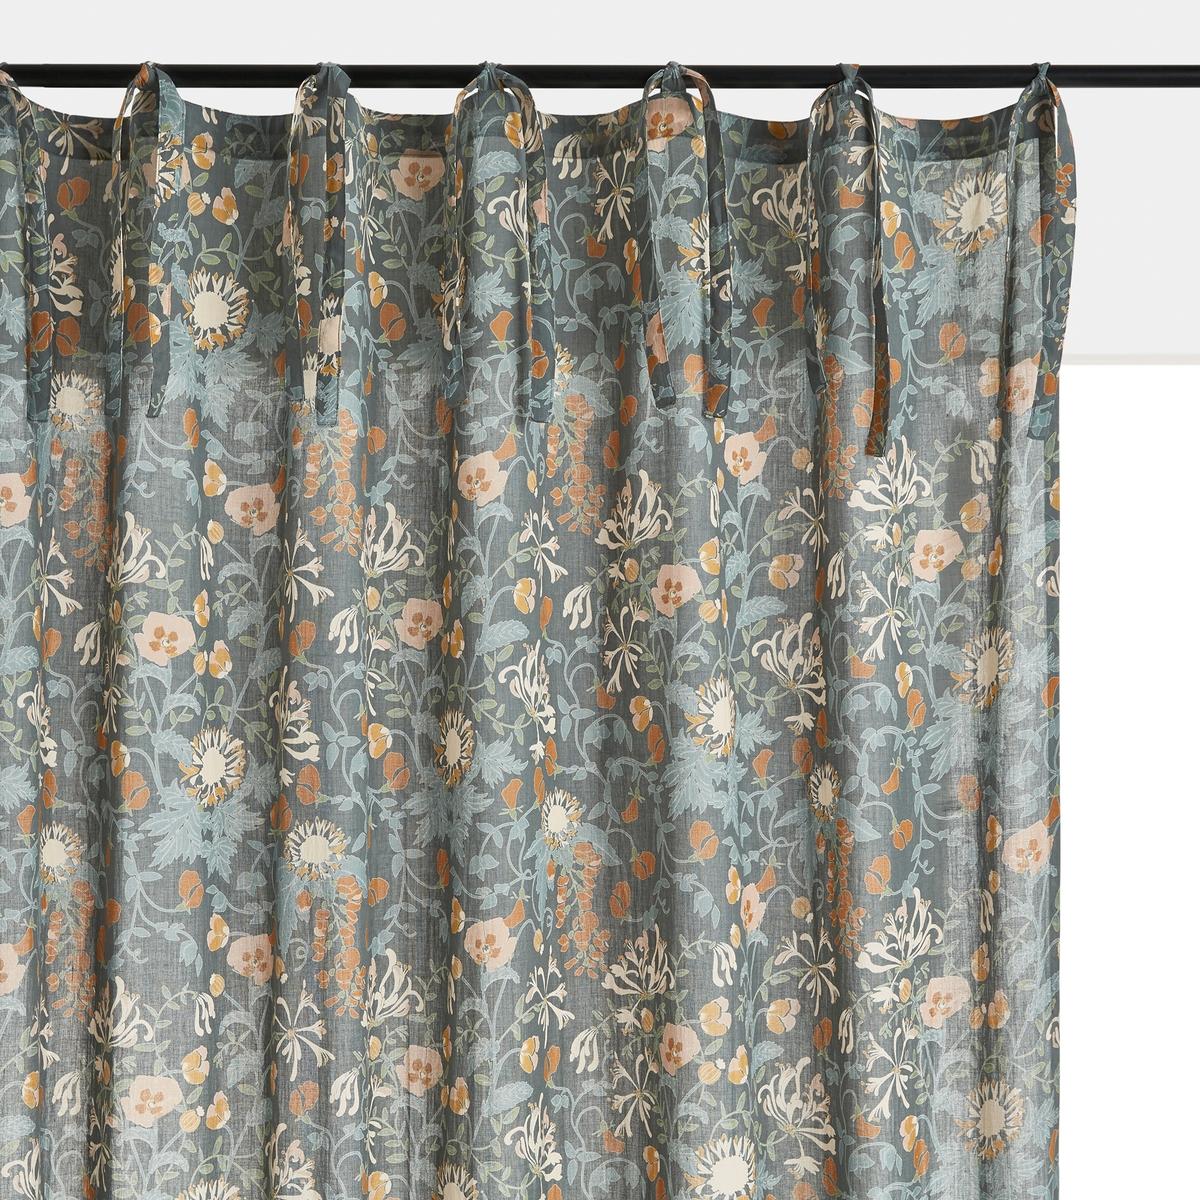 одеяло стеганое из хлопковой вуали с рисунком колорблок Штора La Redoute Из хлопковой вуали с завязками Milton 180 x 135 см другие